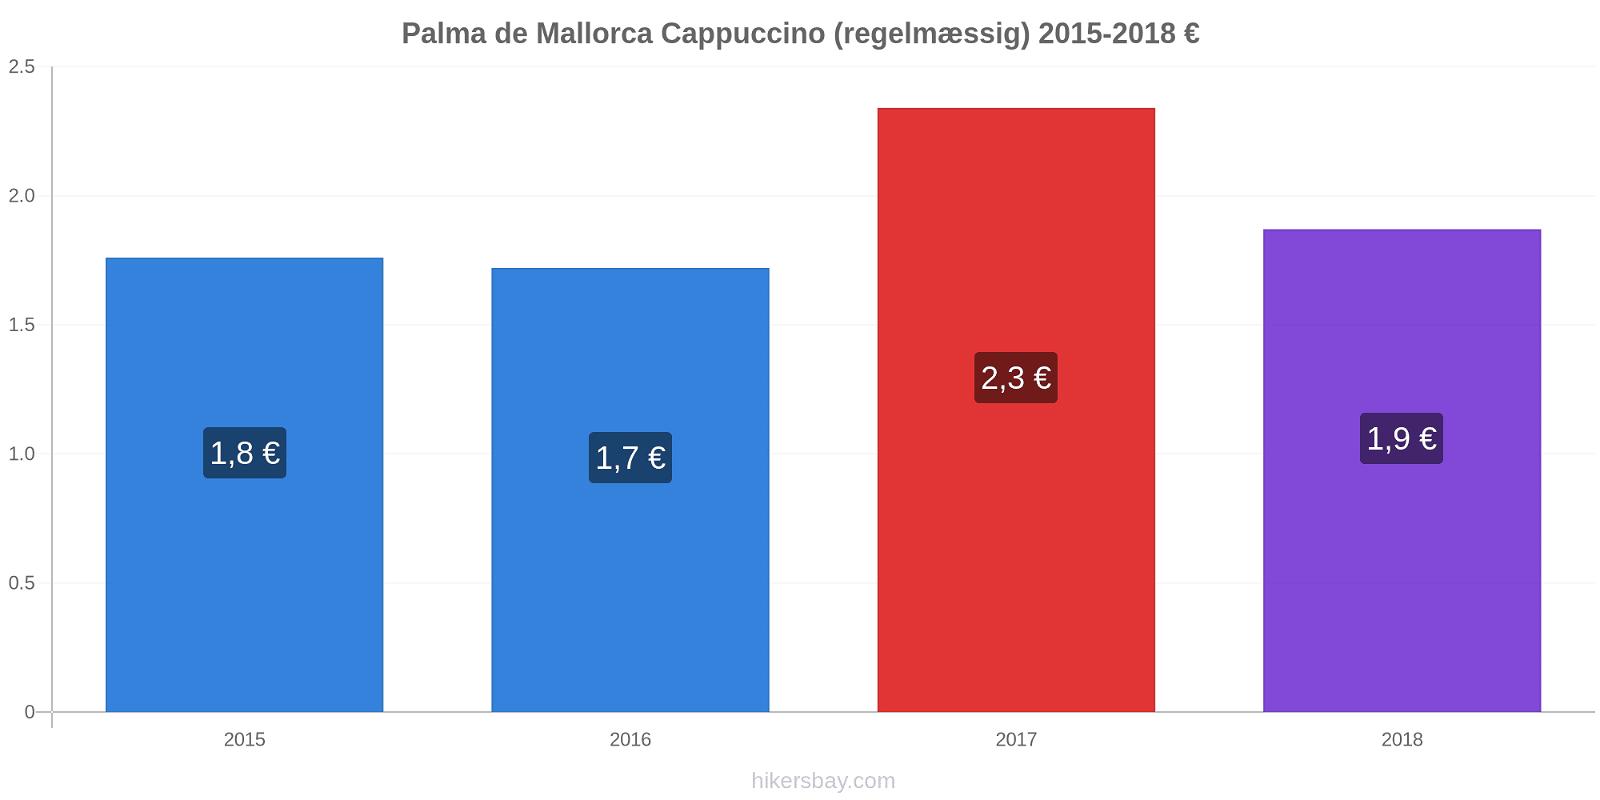 Palma de Mallorca prisændringer Cappuccino (regelmæssig) hikersbay.com